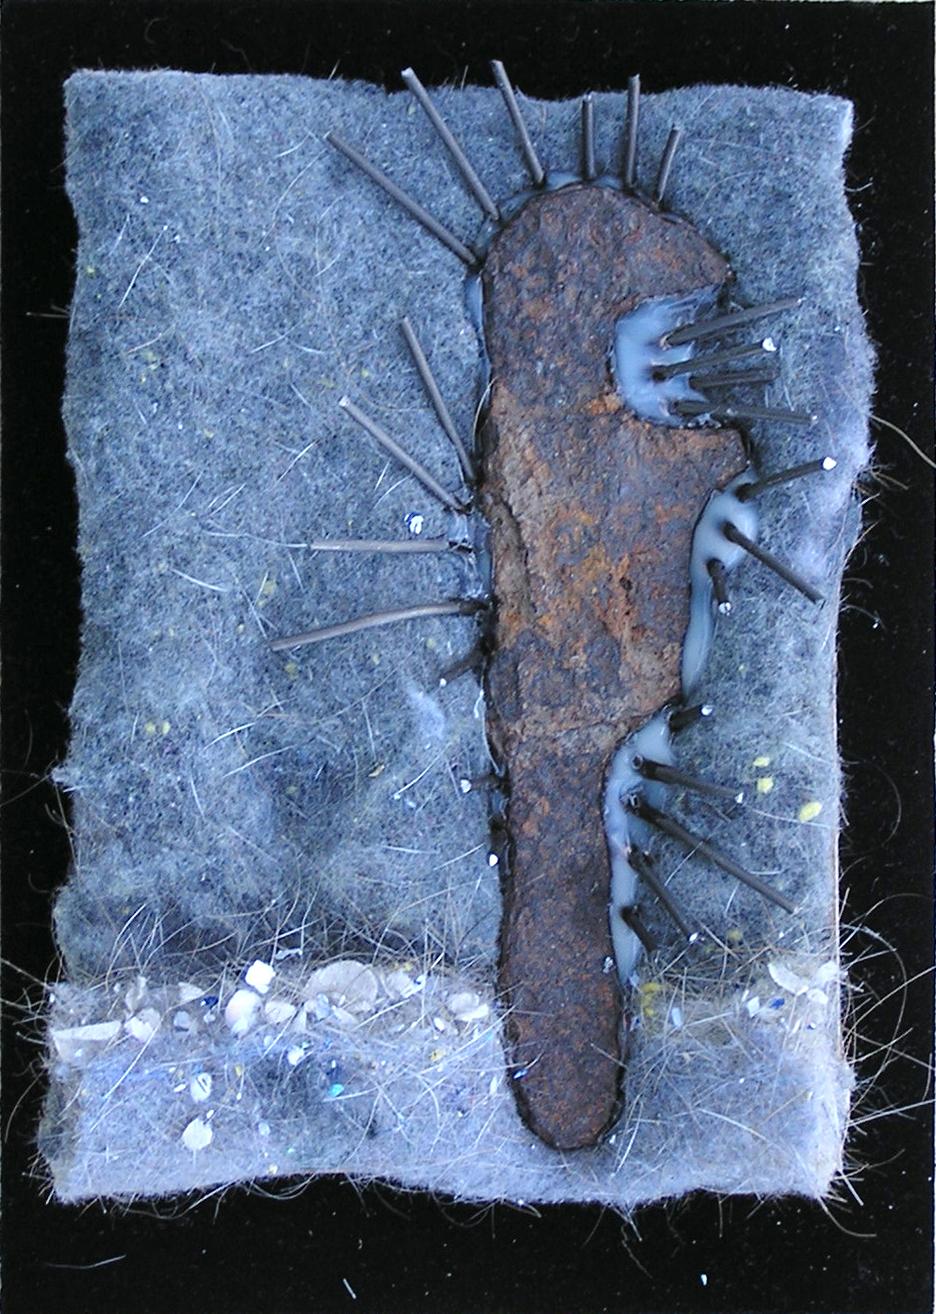 sebastians wrench - 2009